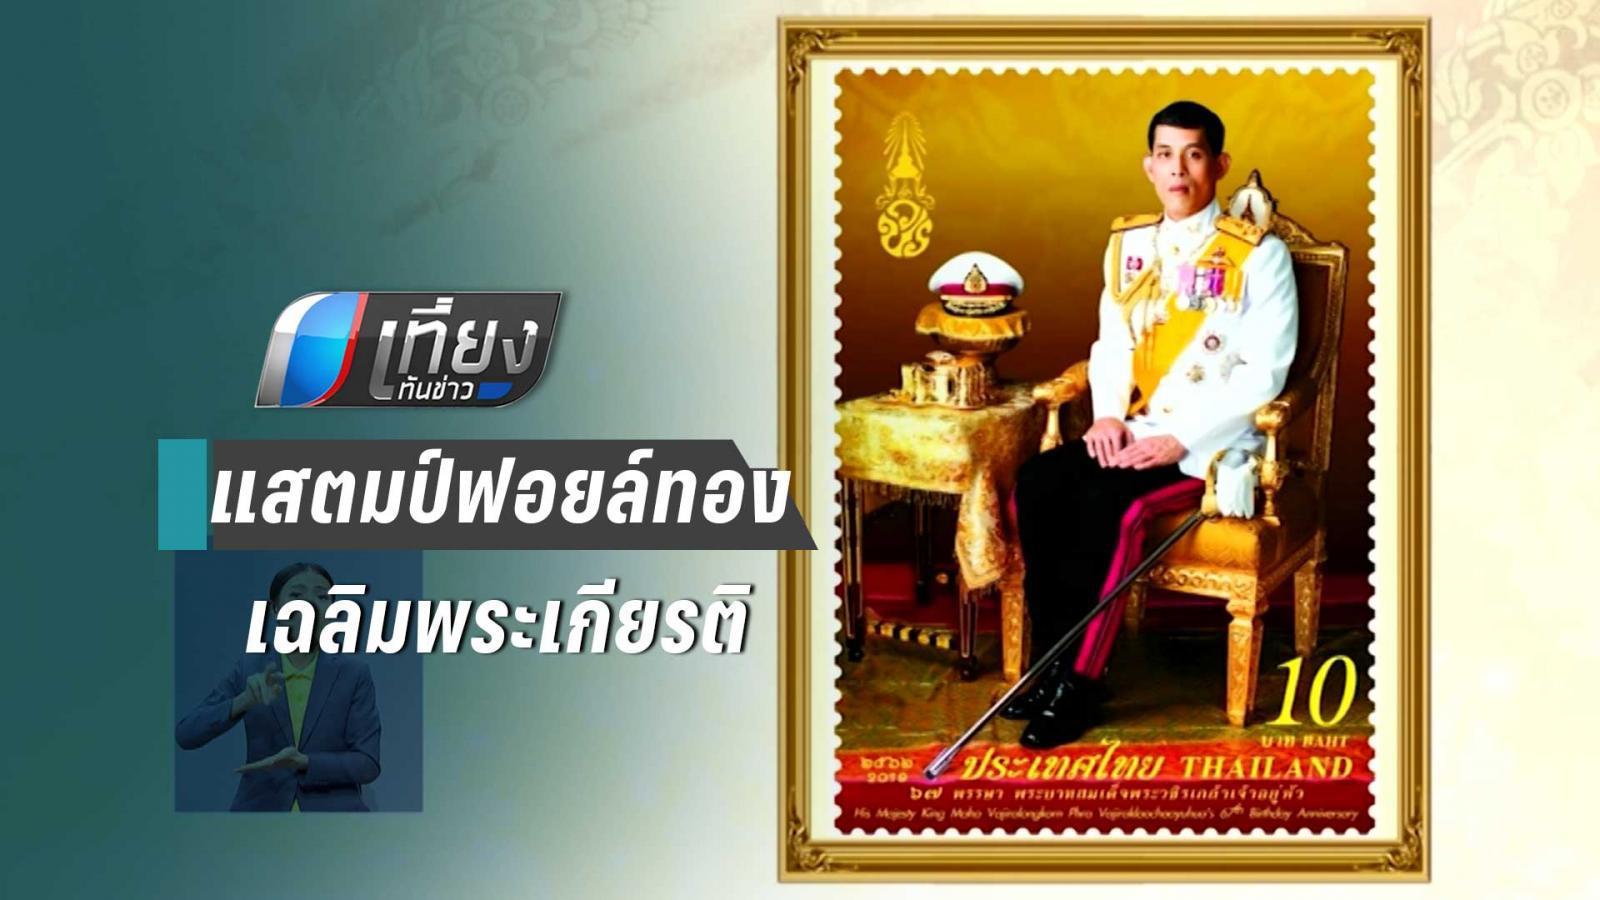 ไปรษณีย์ไทย ออกแสตมป์ฟอยล์ทอง วันเฉลิมพระชนมพรรษา